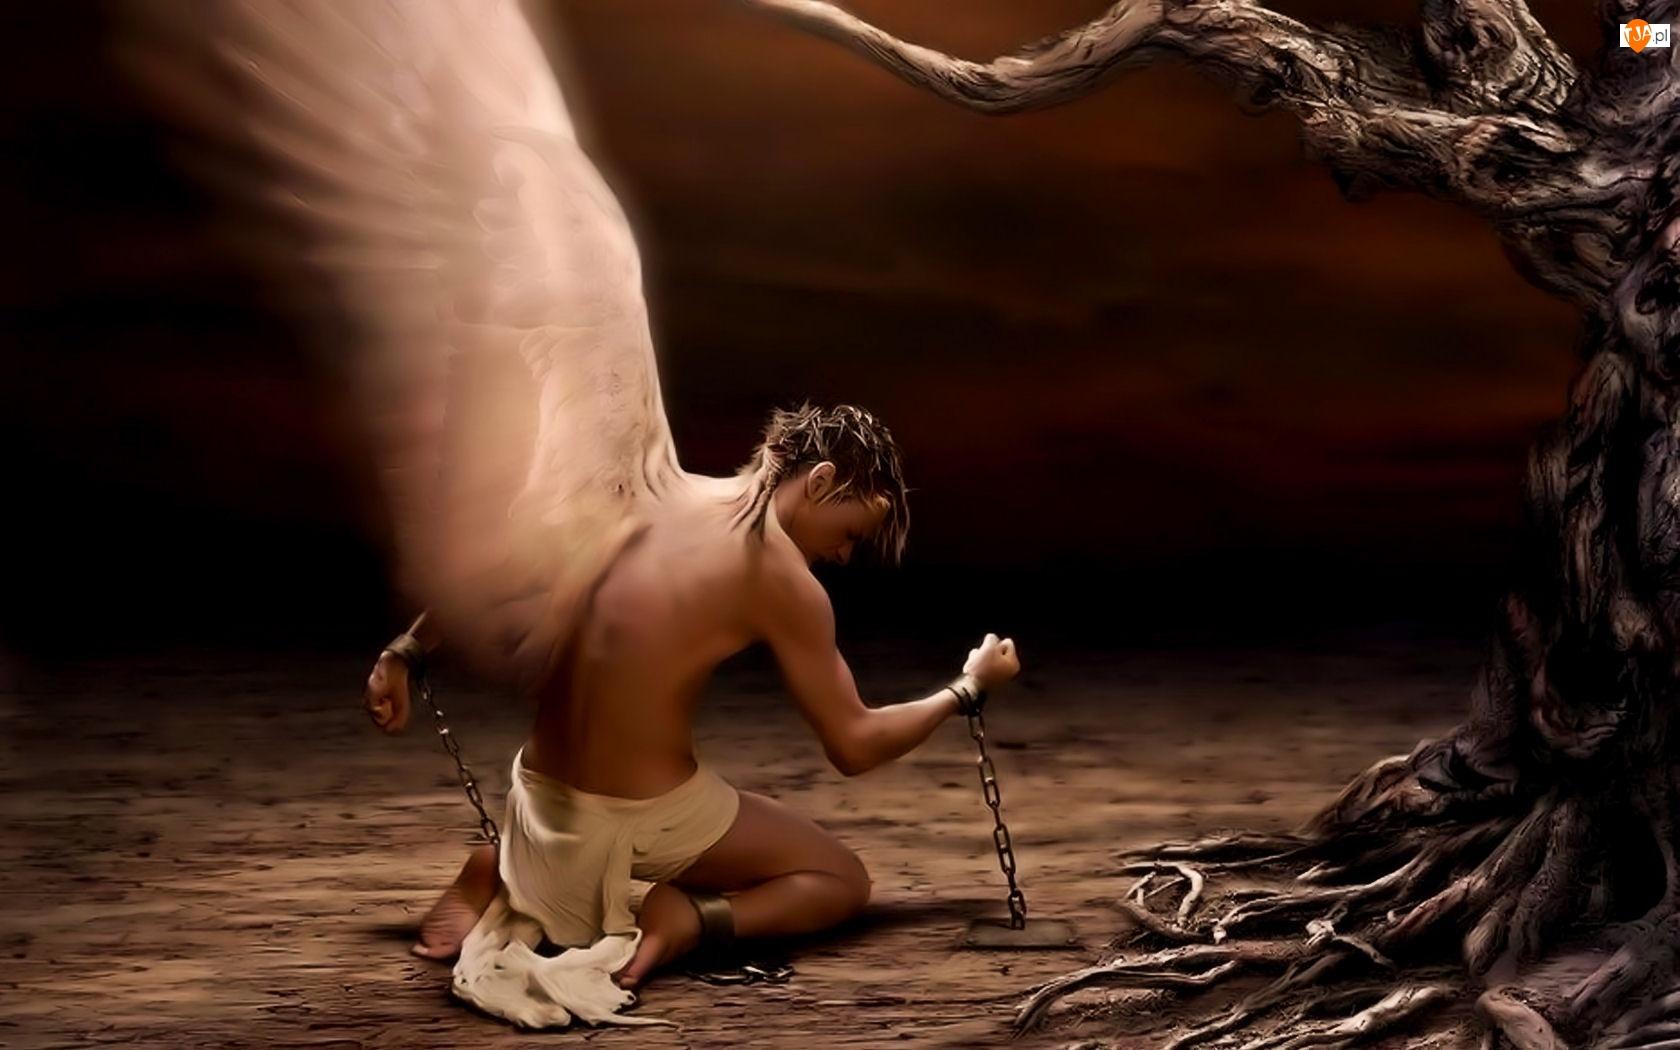 Anioł Mężczyzna Skrzydła